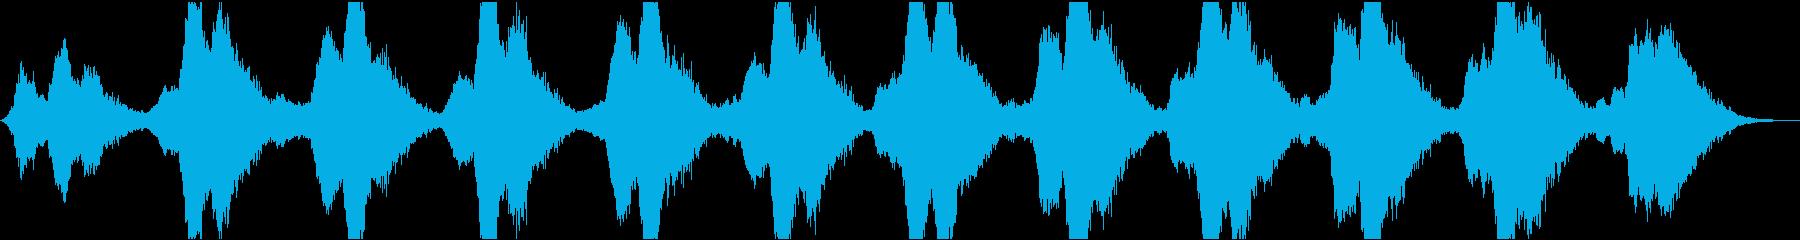 動画9 24bit44.1kHzVerの再生済みの波形